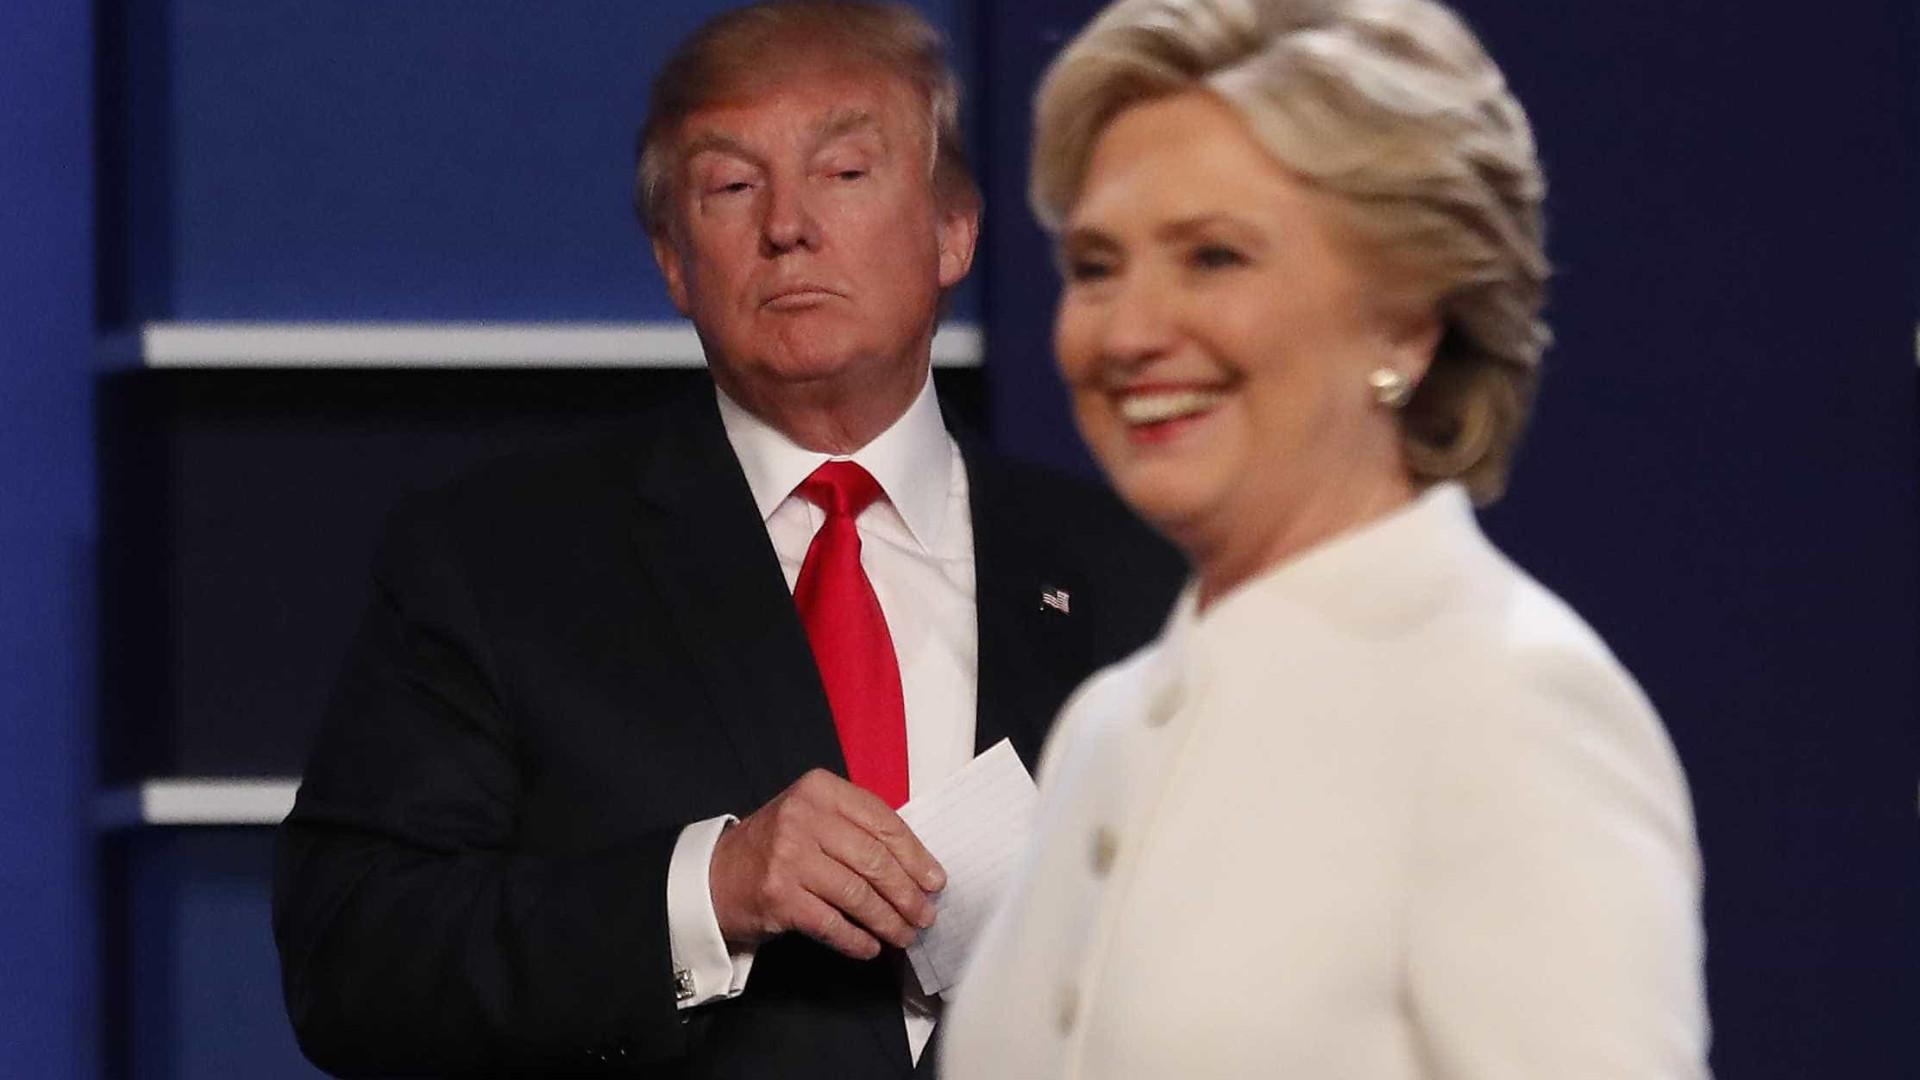 Pesquisa mostra leve vantagem de Trump  em relação a Hillary na Flórida